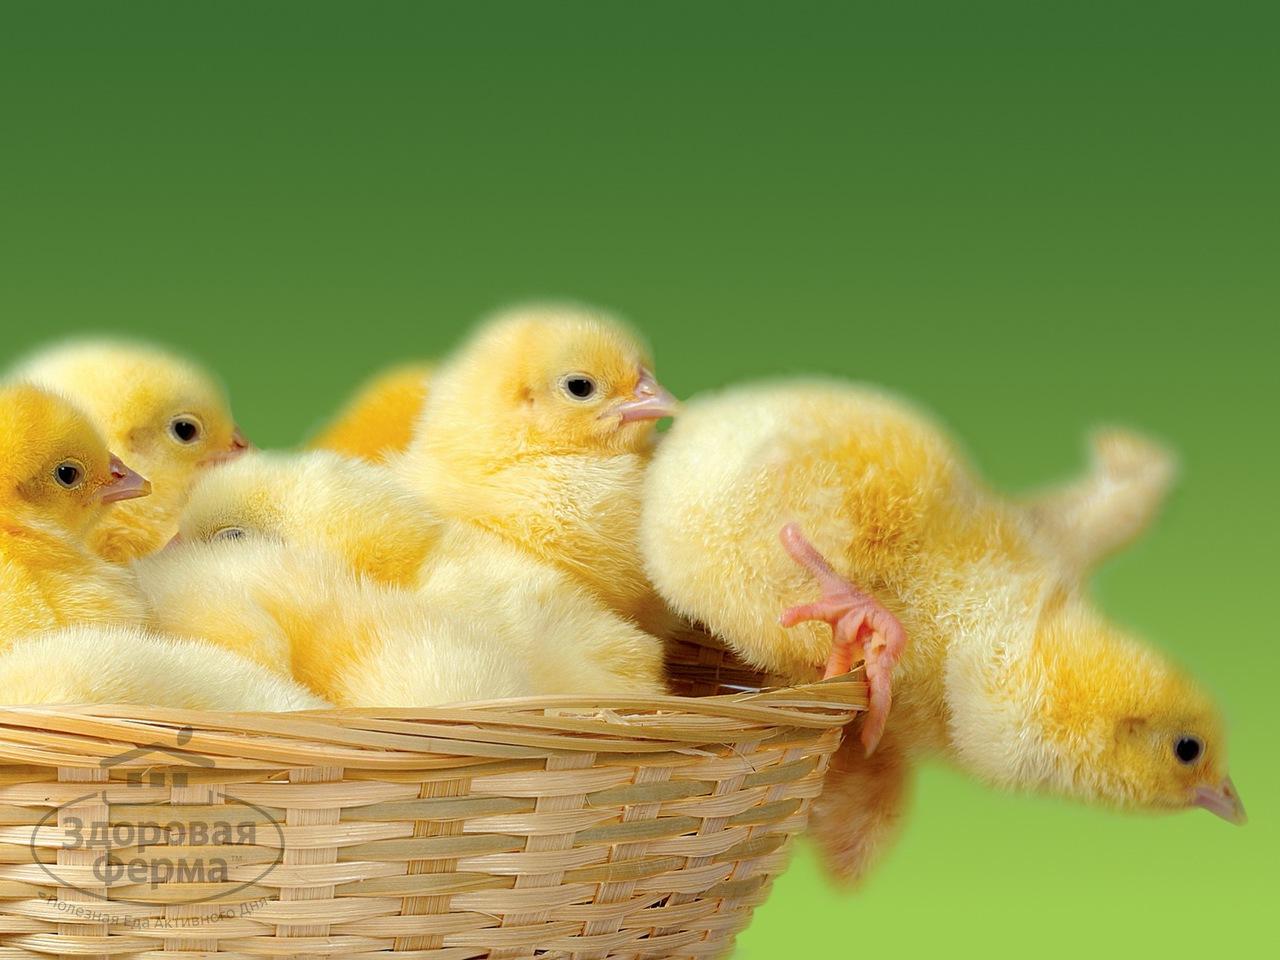 Прием фелуцена с раннего возраста обеспечит цыплятам правильное развитие